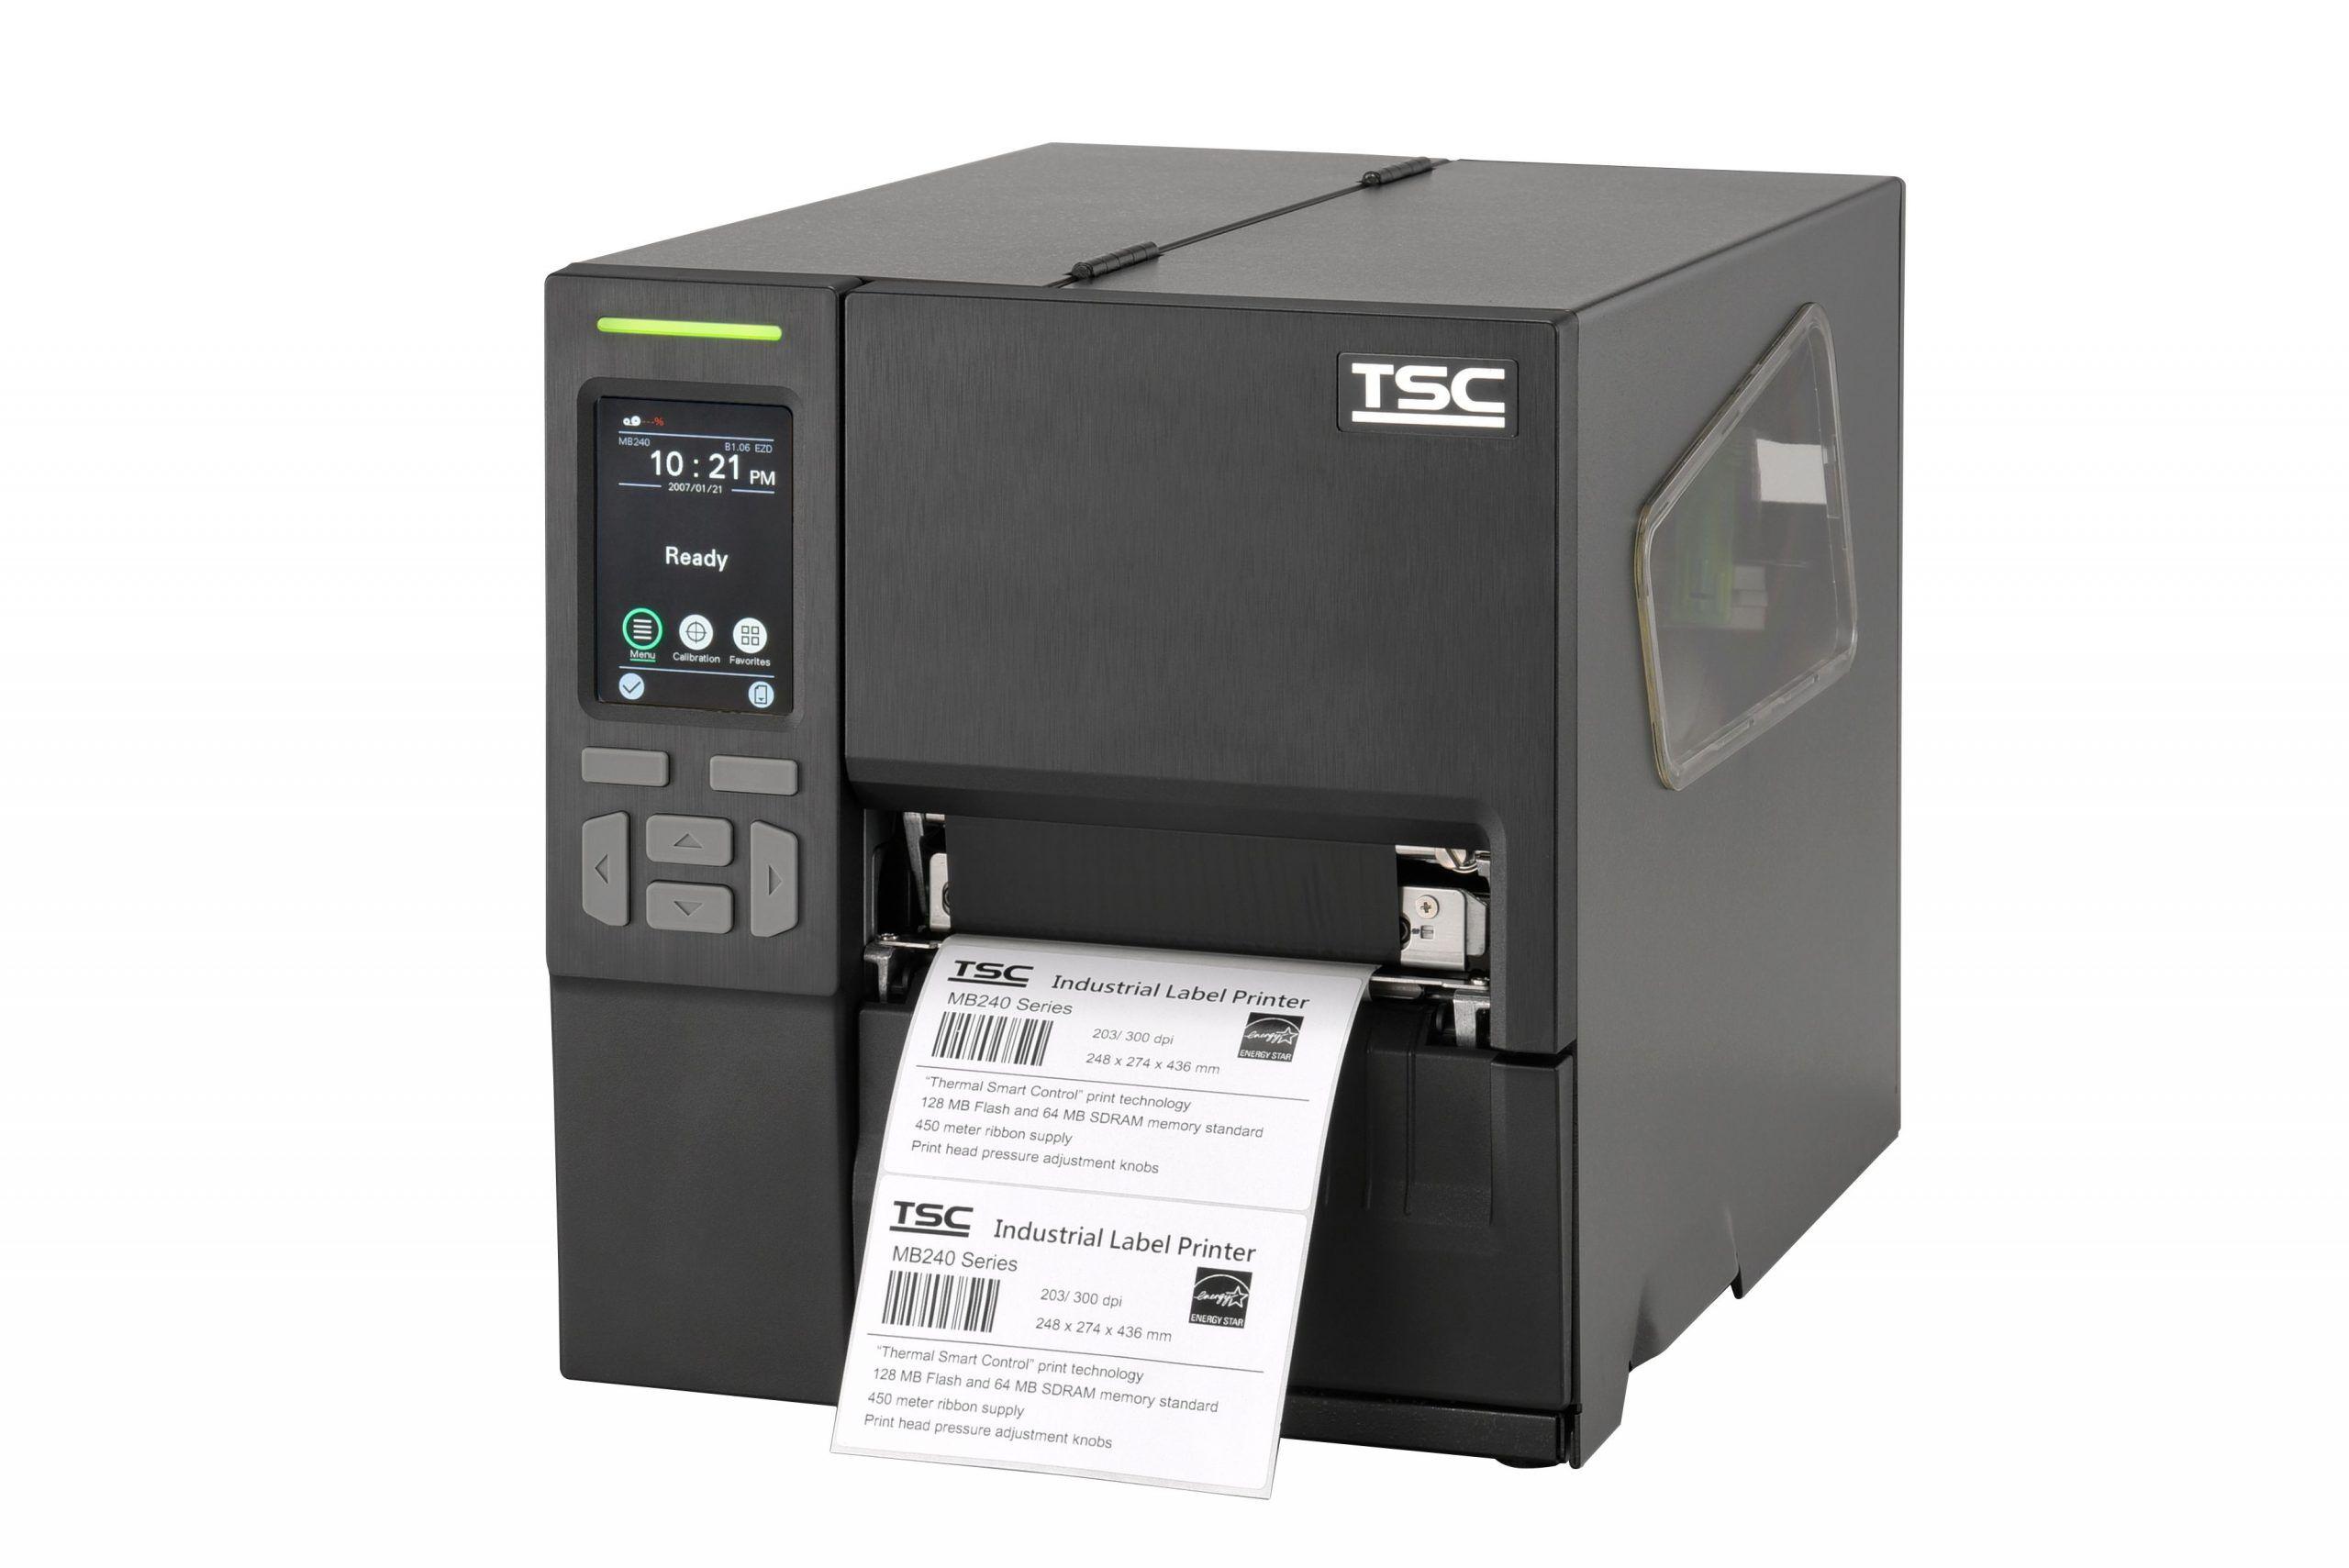 Impresora TSC MB340T